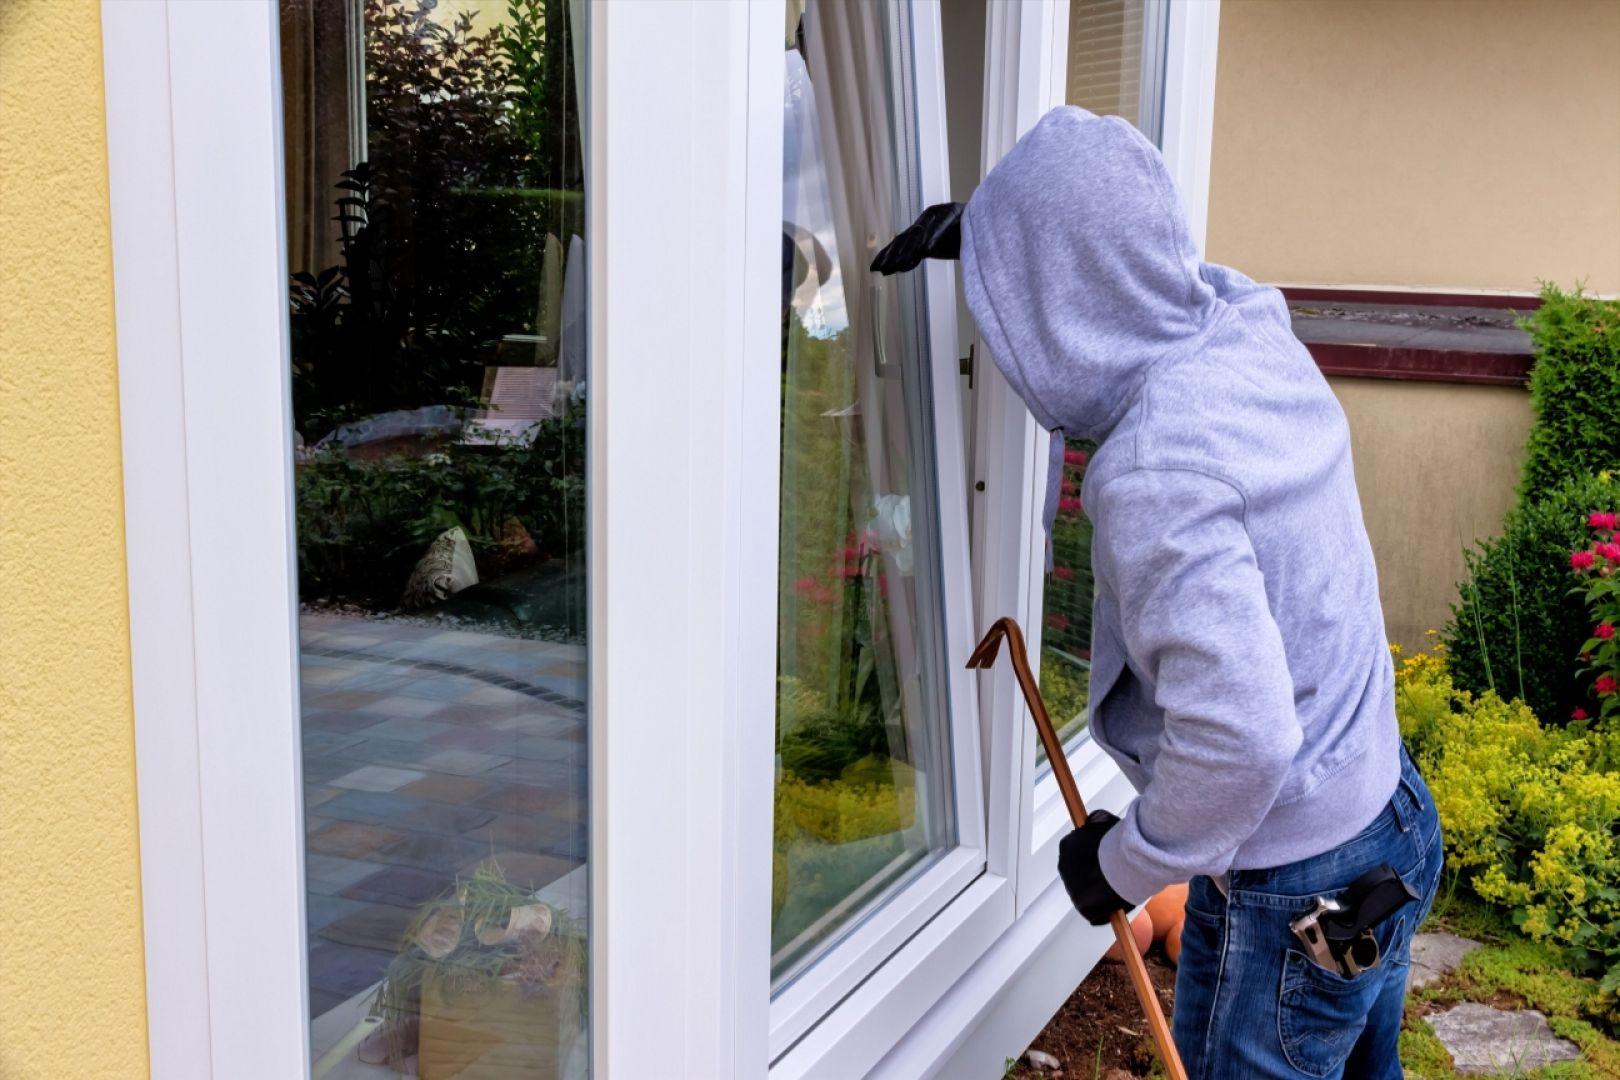 Celem inicjatywy Dom Bezpieczny jest wzrost świadomości na temat zagrożeń znajdujących się w naszych domach i najbliższym otoczeniu oraz działanie na rzecz poprawy bezpieczeństwa. Fot. Dom Bezpieczny